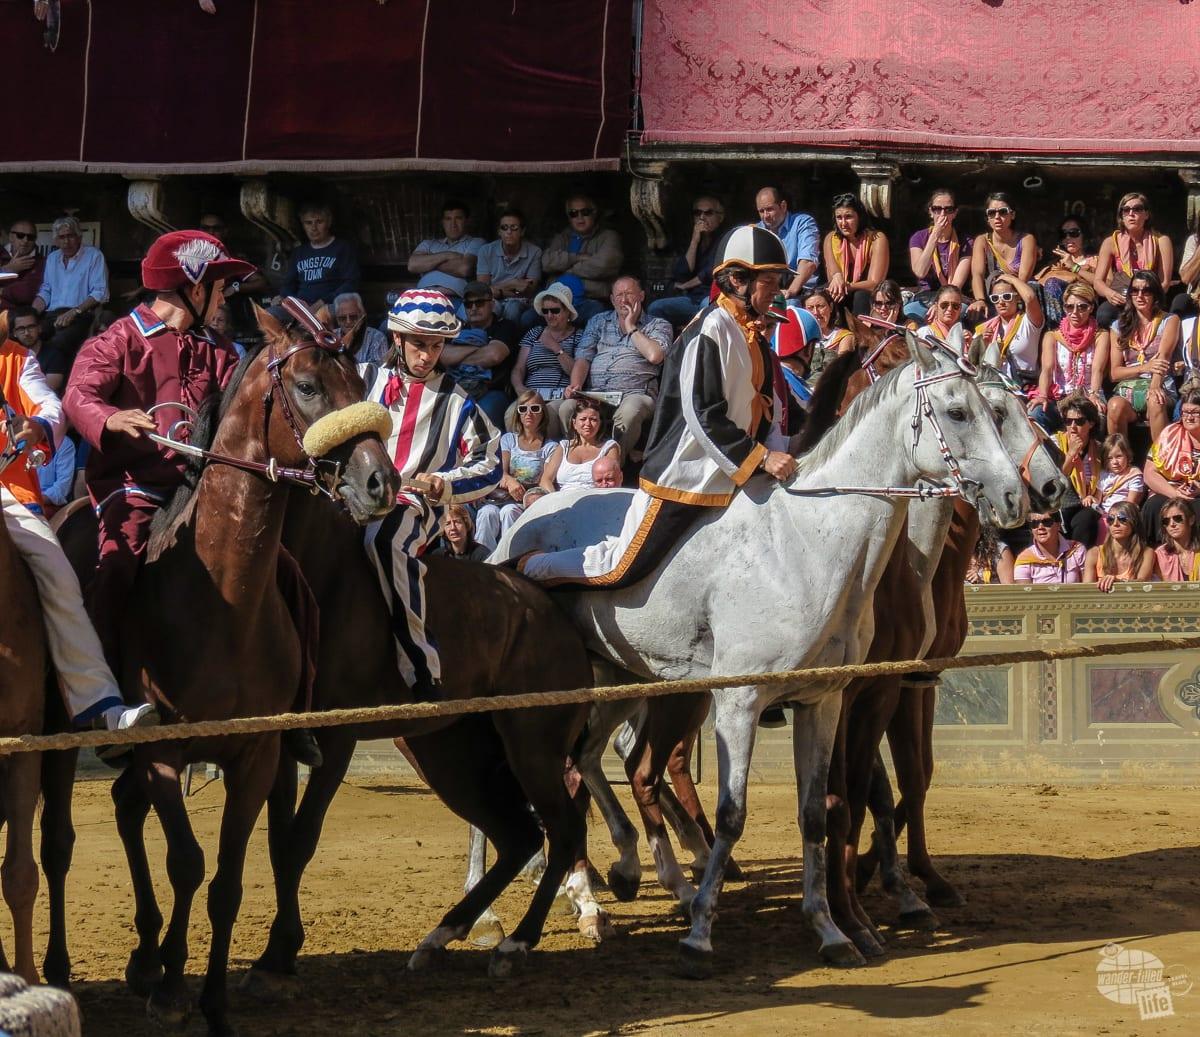 The line up of Il Palio di Siena